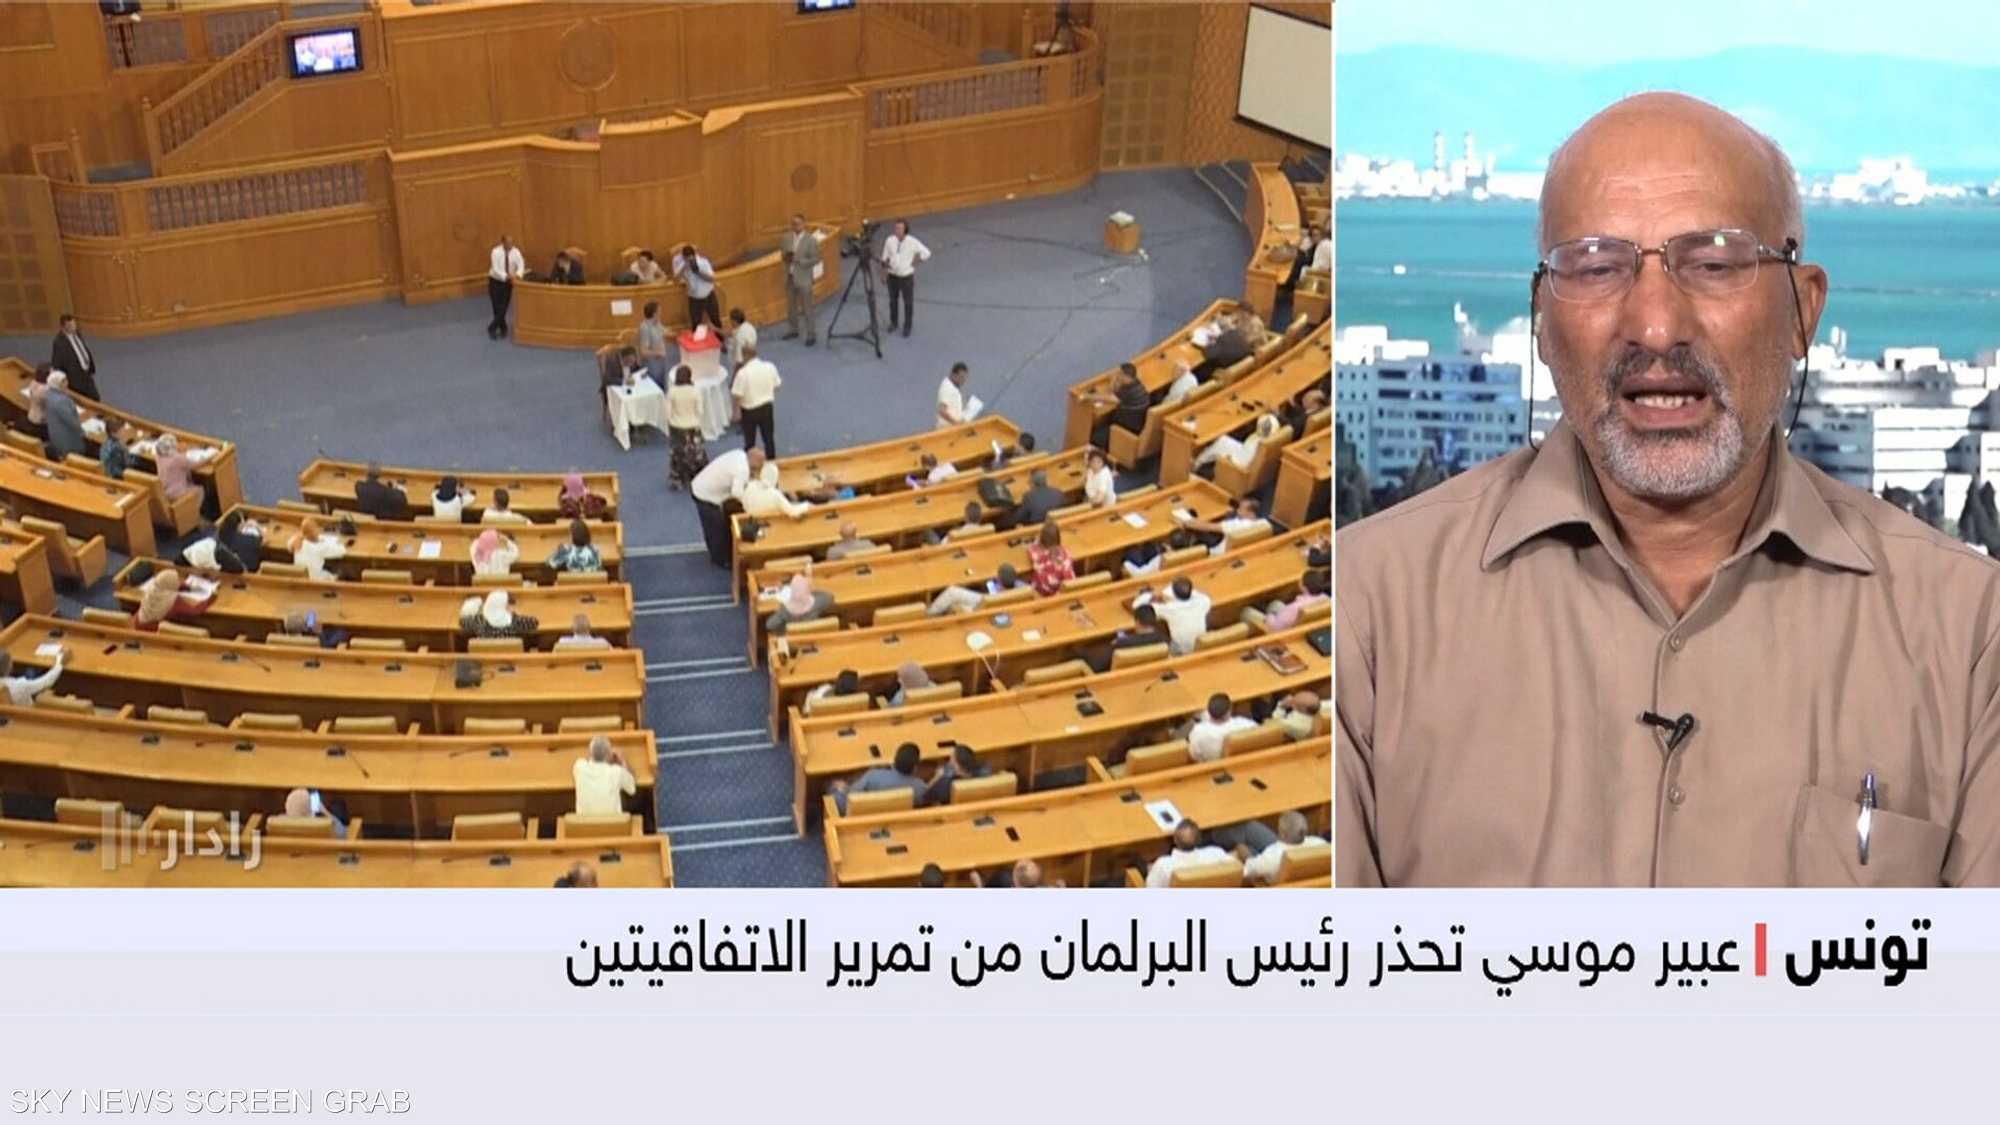 تونس..اجتماع في البرلمان للنظر باتفاقيتين مع قطر وتركيا